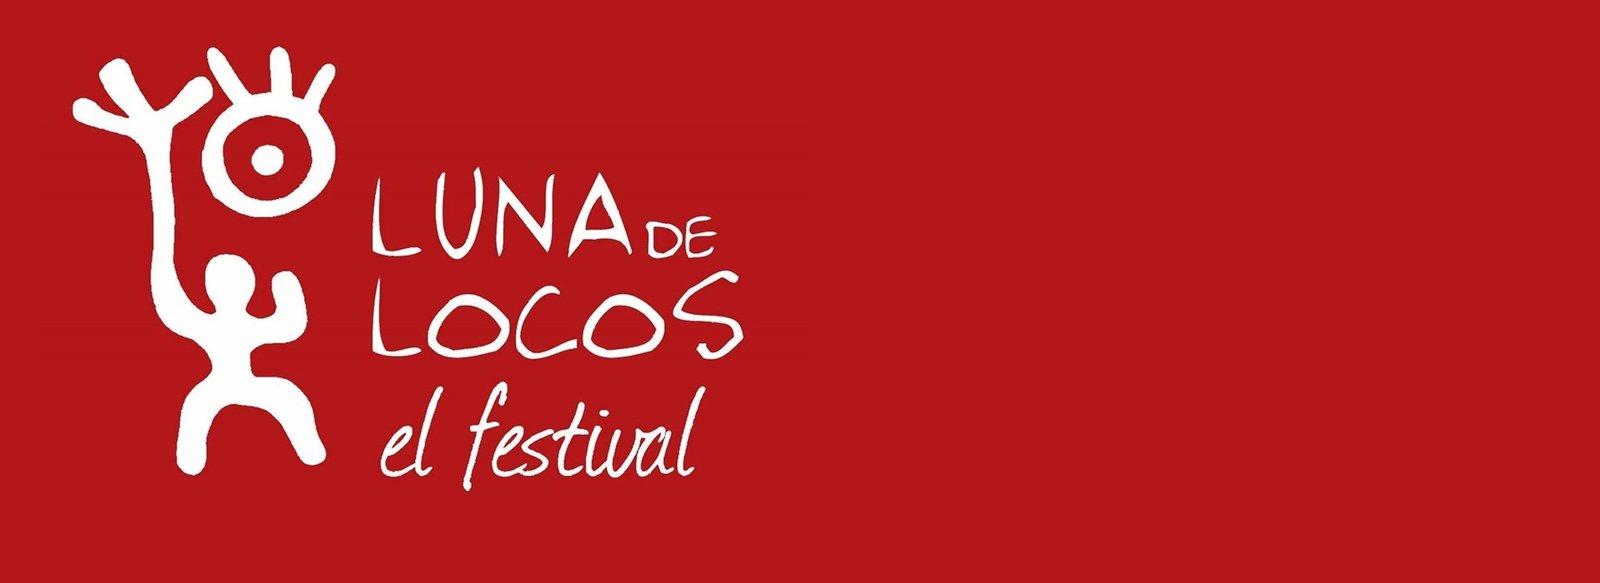 De_locos_luna